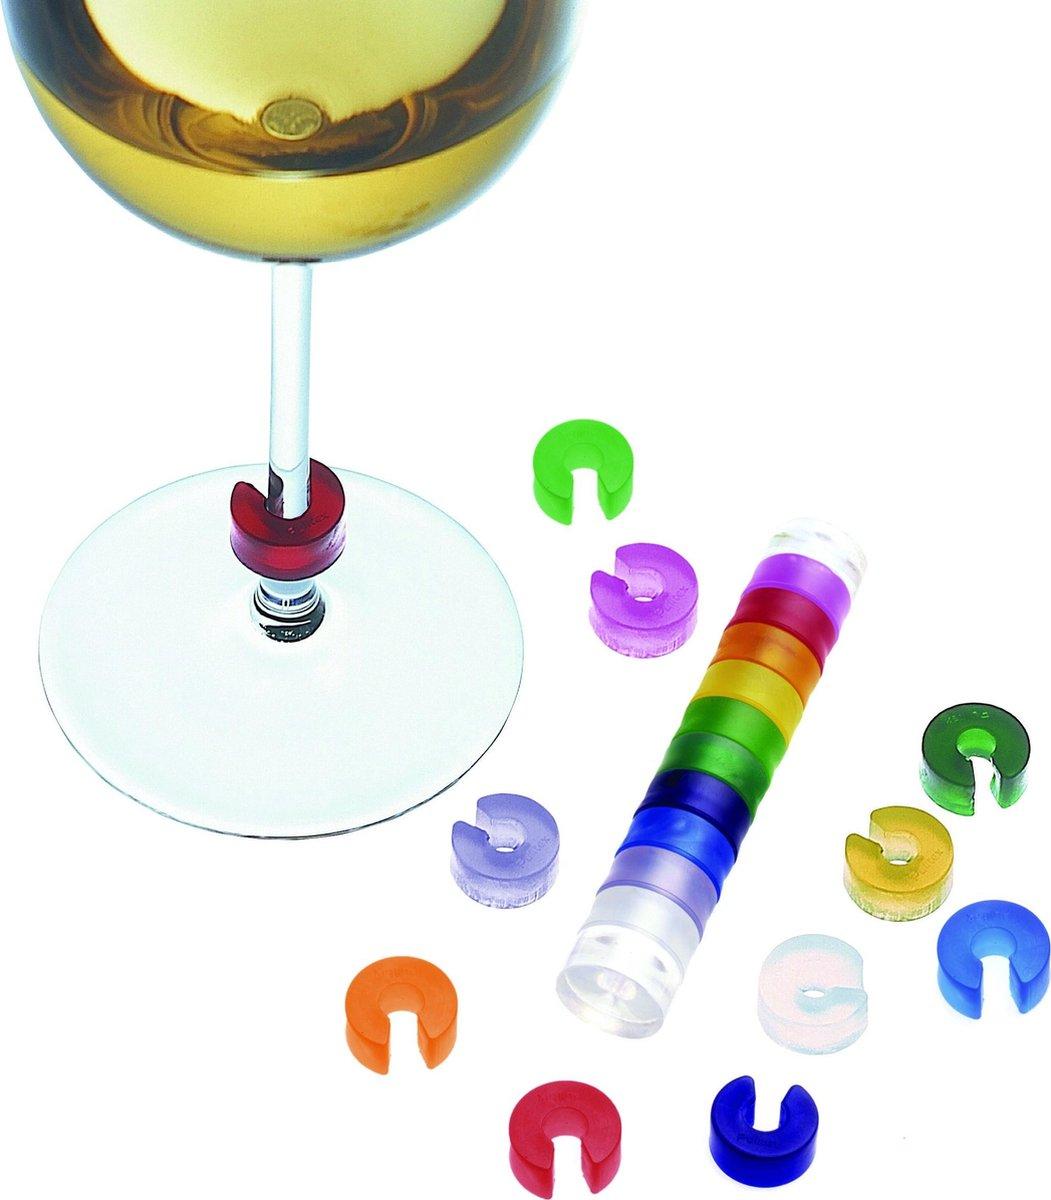 Pulltex Wine Glass Identifier - Pulltex